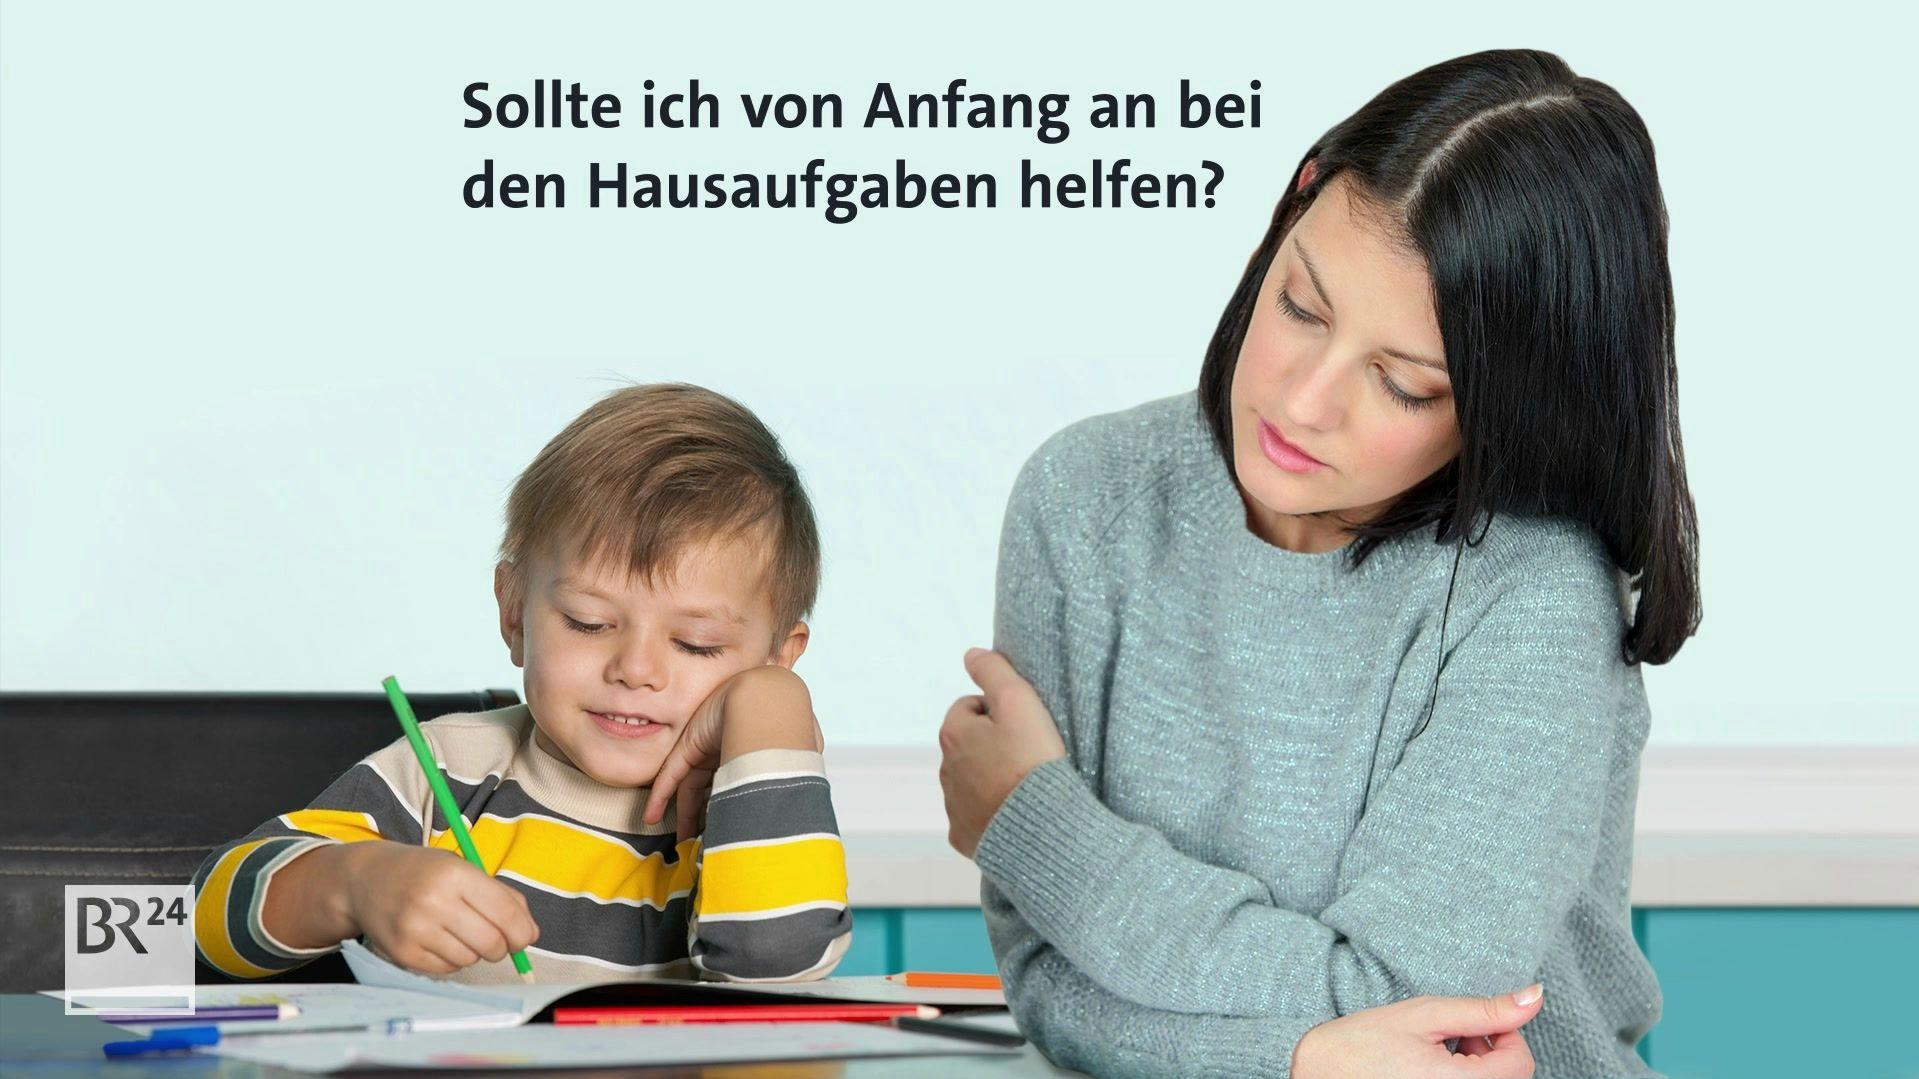 Mutter und Kind bei den Hausaufgaben